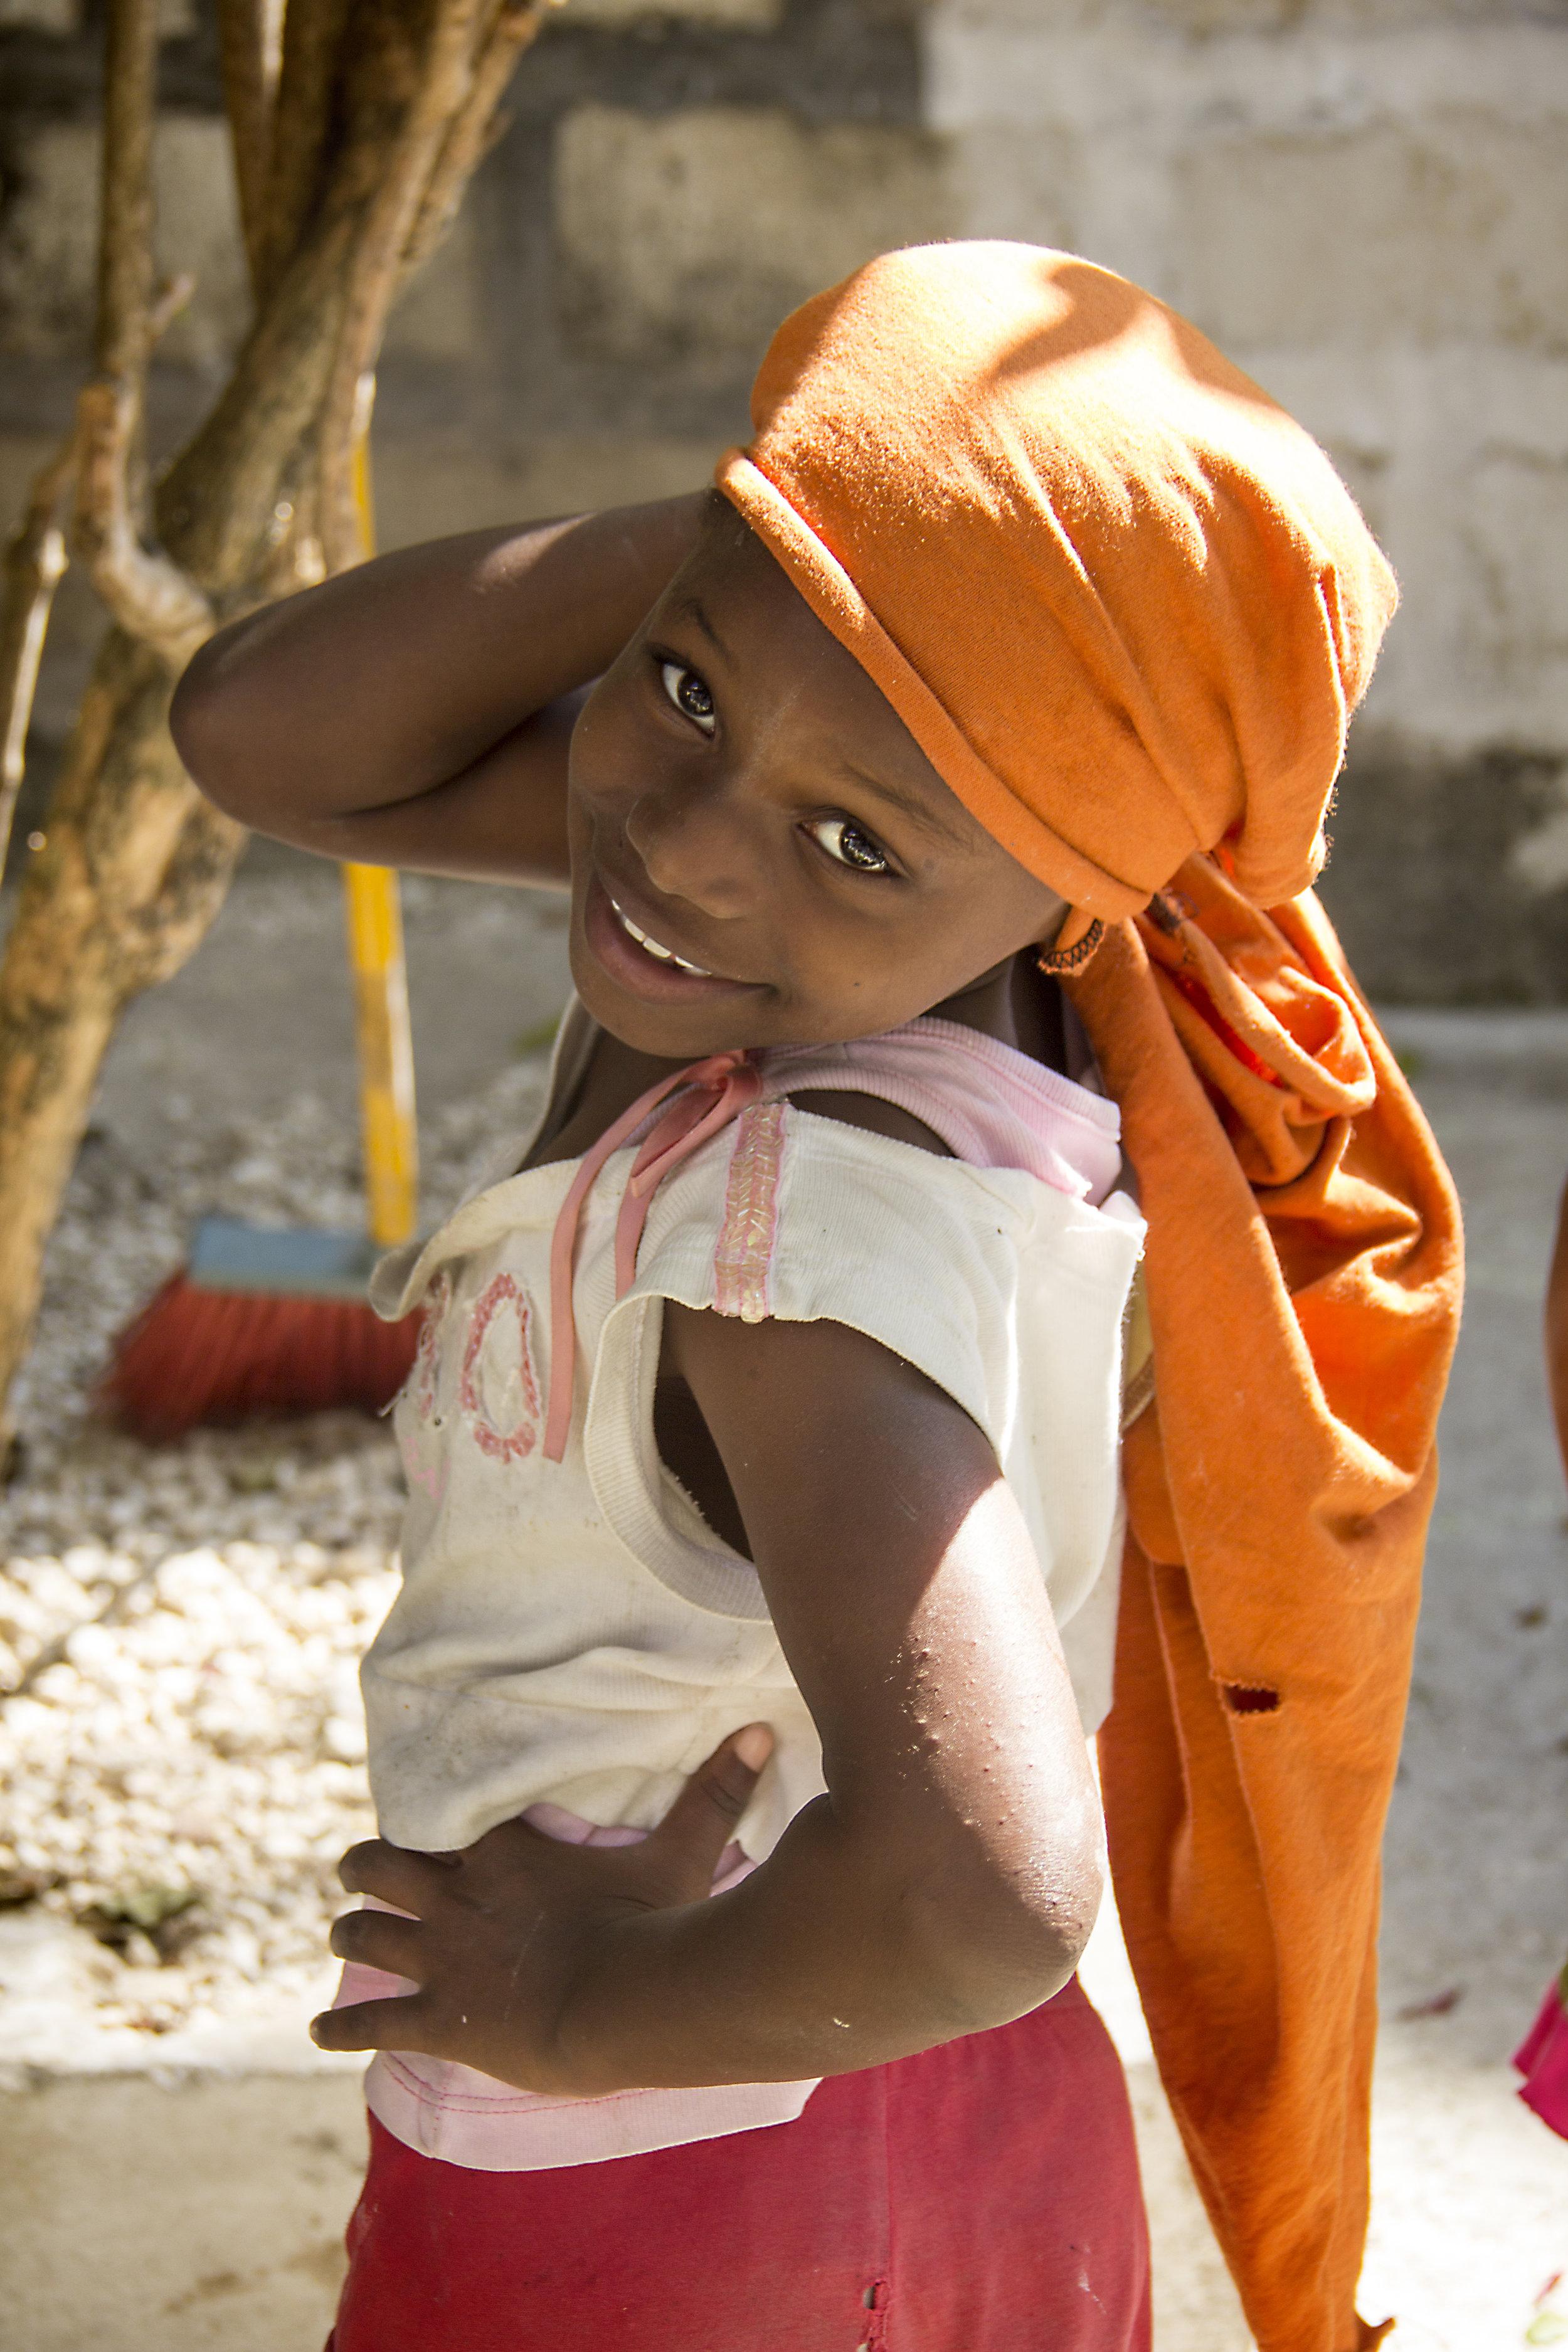 Haiti_Laura_headscarf.jpg